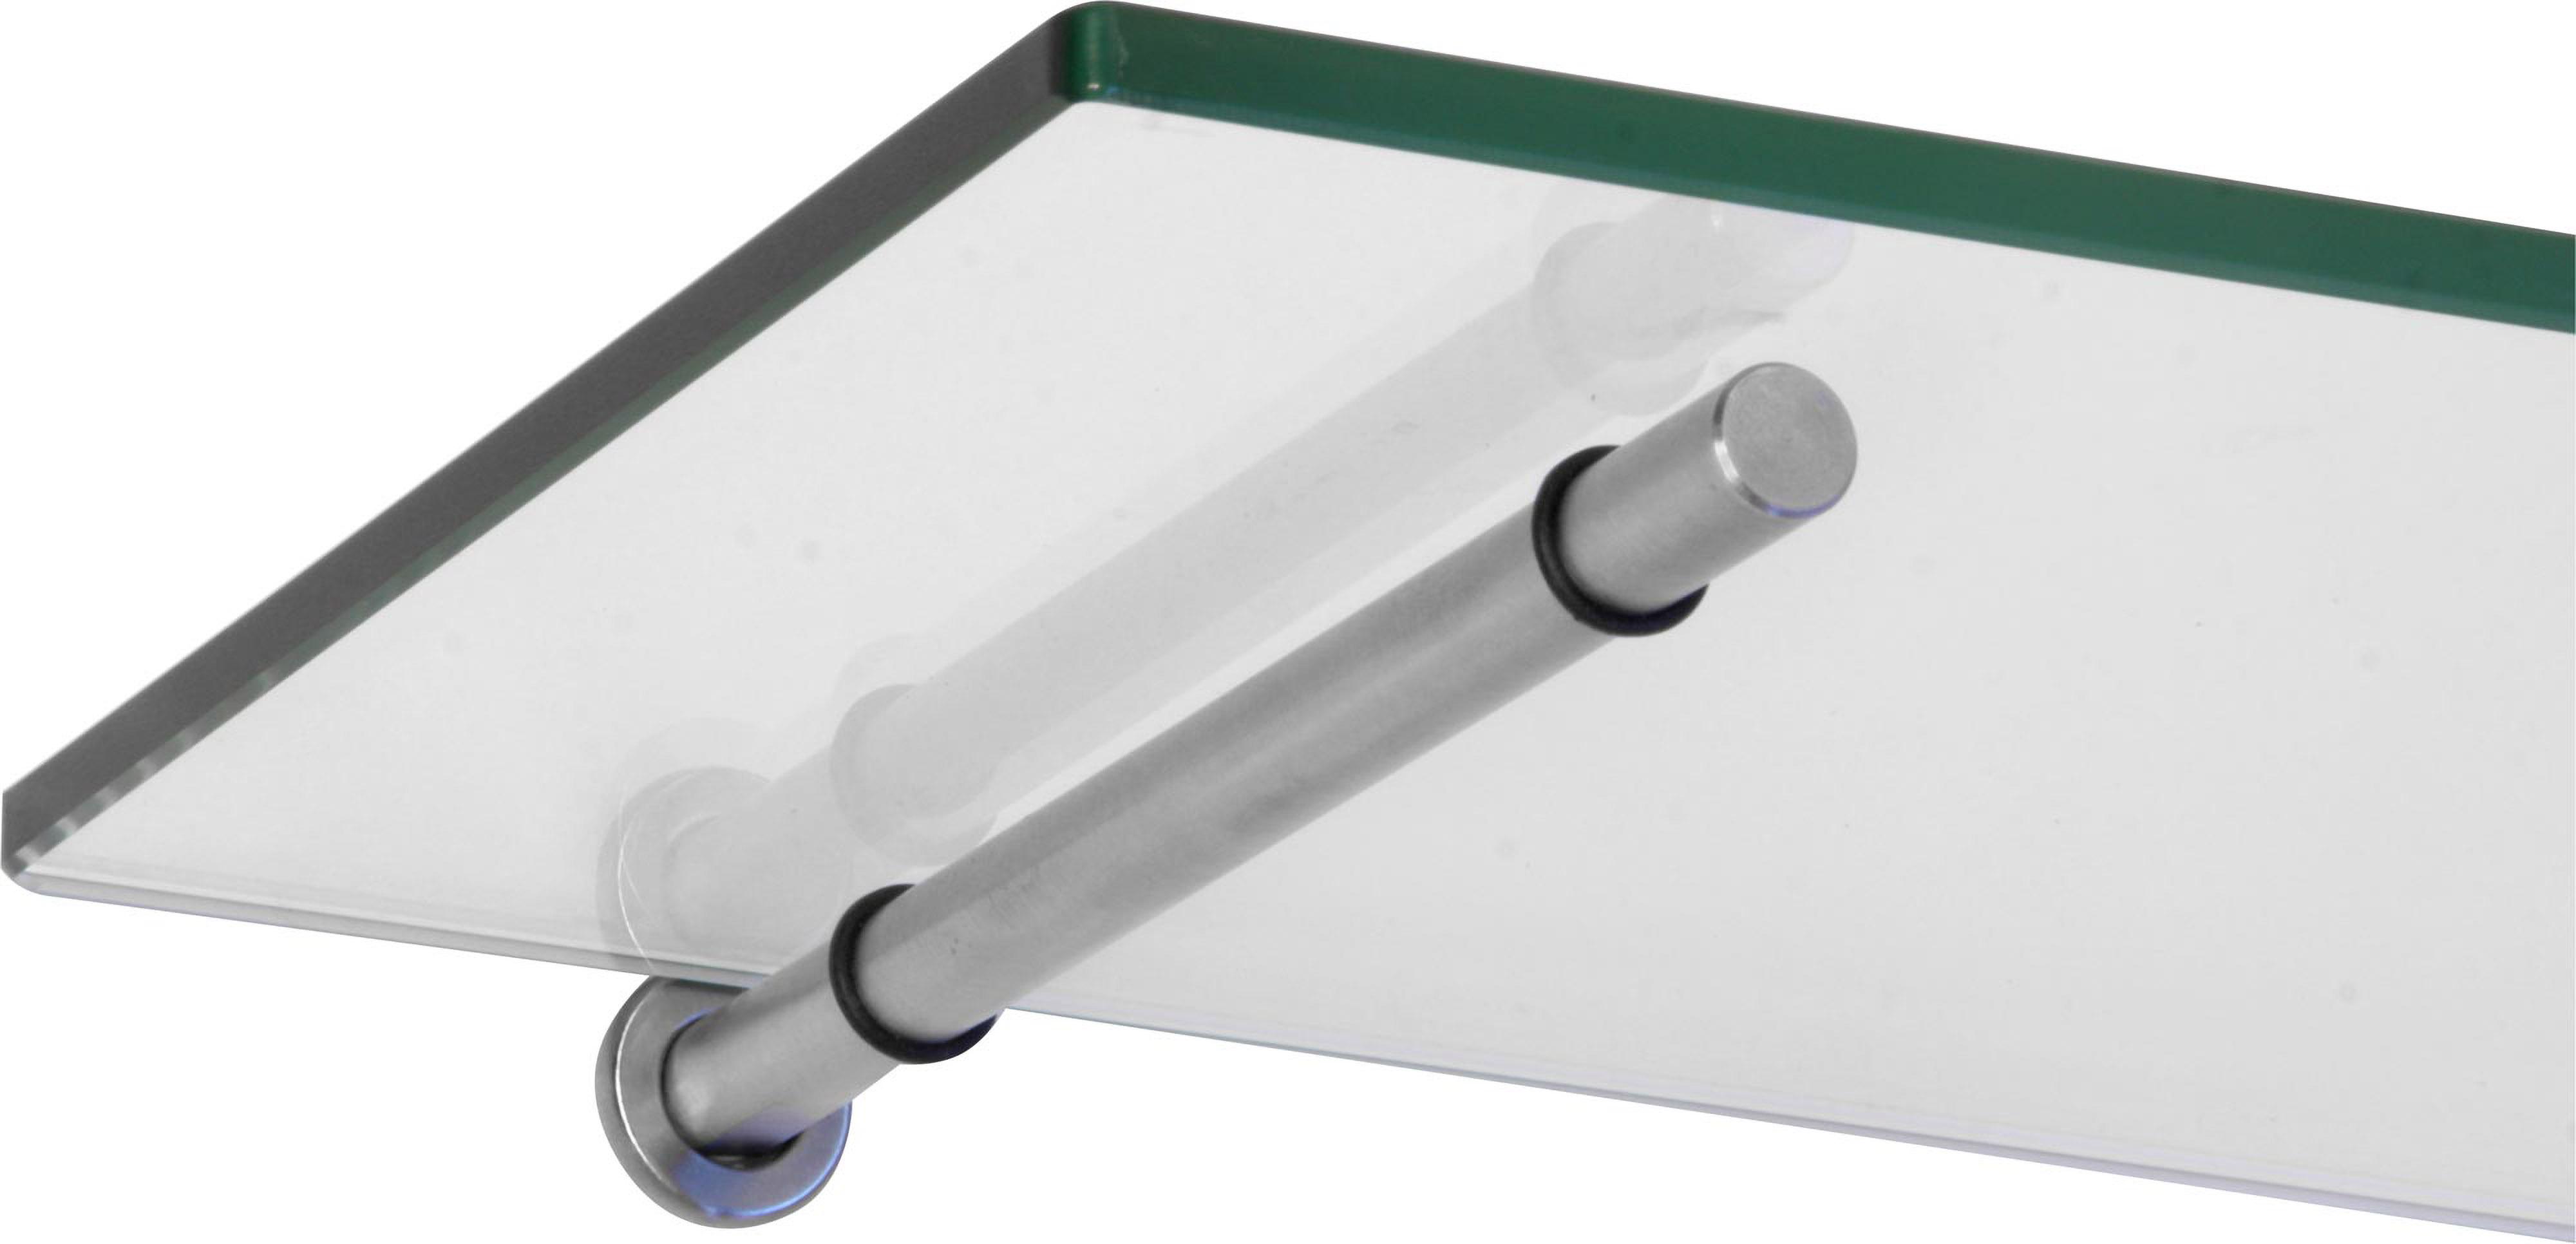 glasregal 8 mm stick tablarhalter 6 gr en klarglas. Black Bedroom Furniture Sets. Home Design Ideas